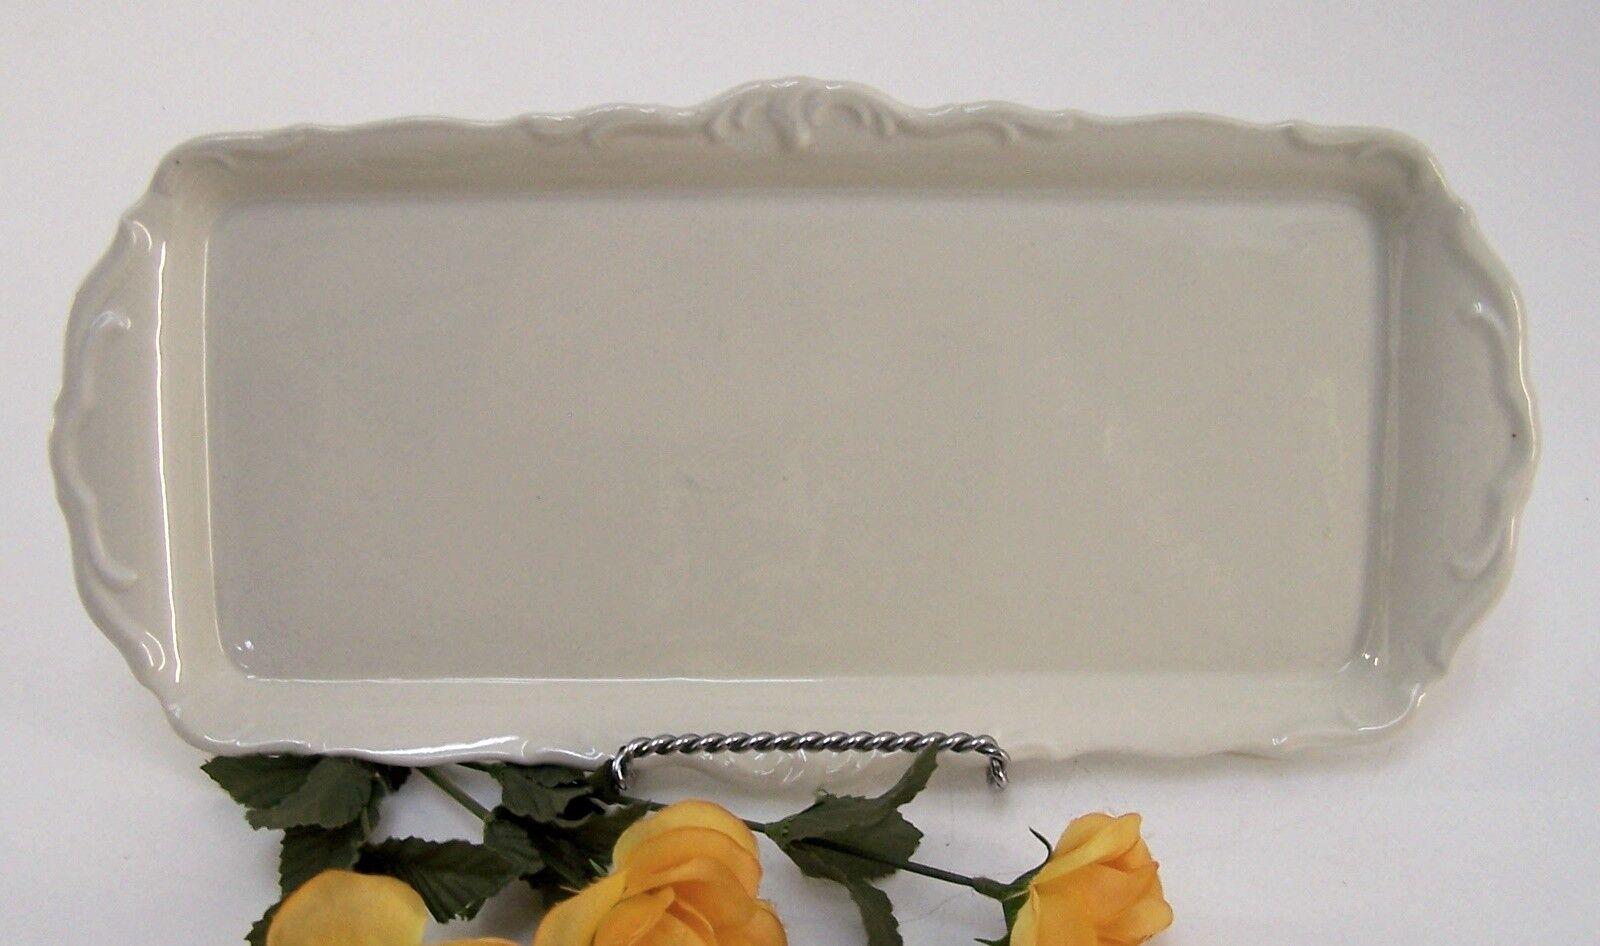 Serviceplatte Roloff Porzellan Teller Platte uni mit Verziehrung Vintage | Angenehmes Gefühl